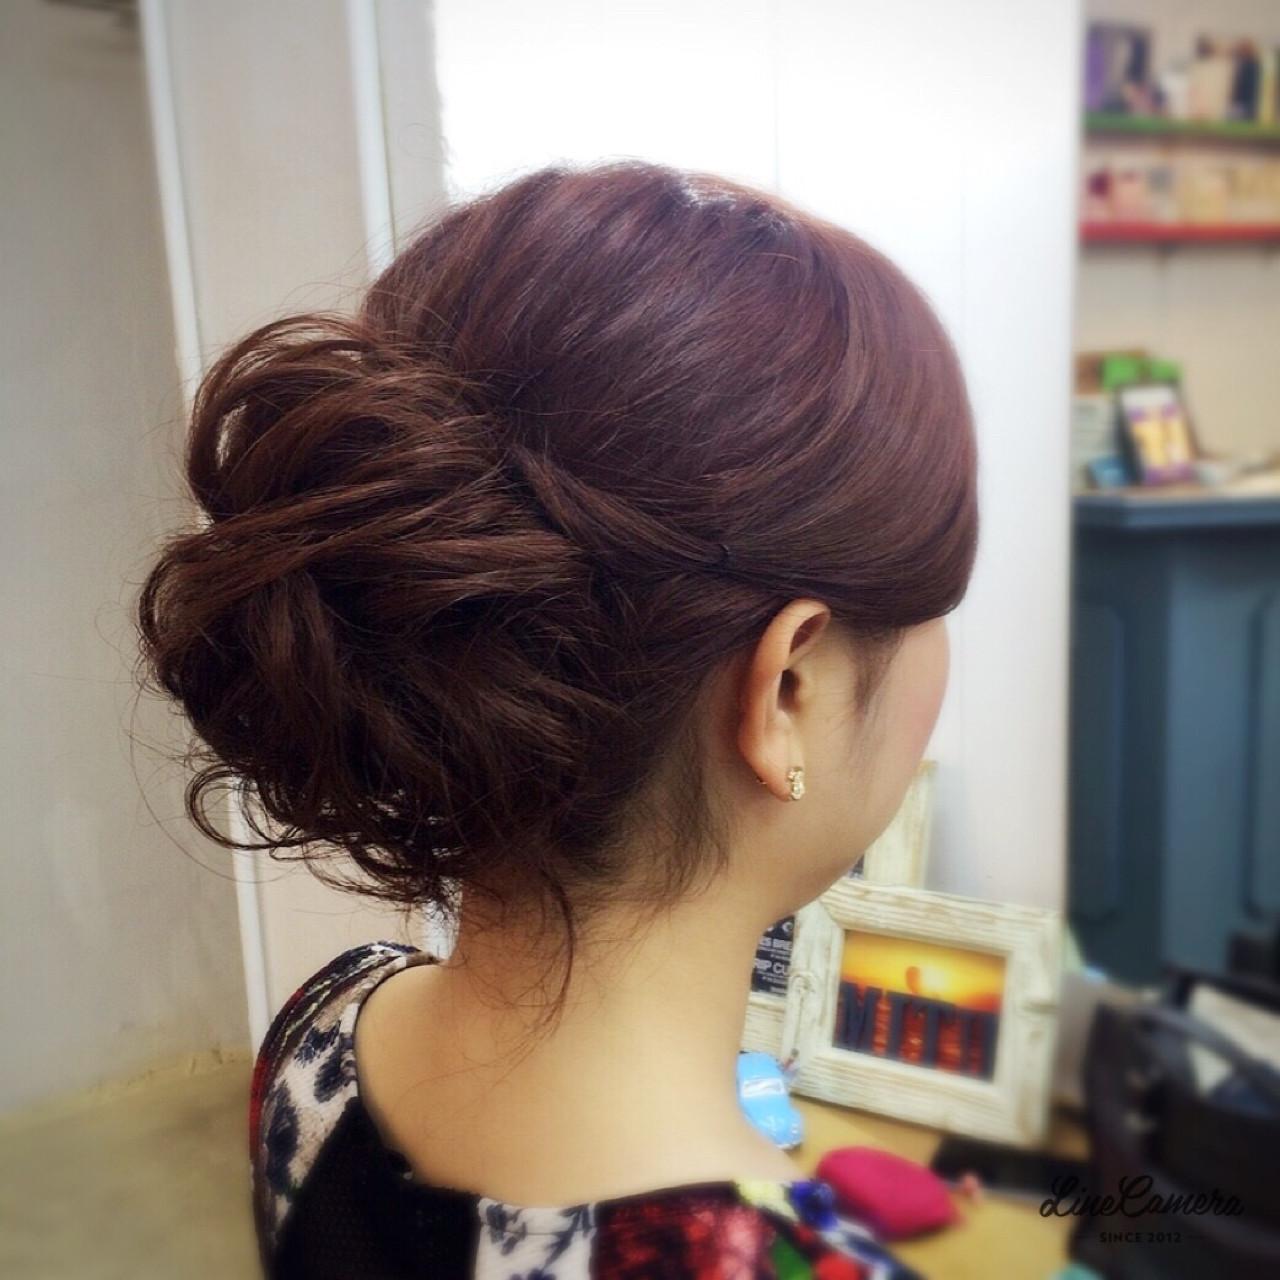 アップスタイル ねじり セミロング 簡単ヘアアレンジ ヘアスタイルや髪型の写真・画像